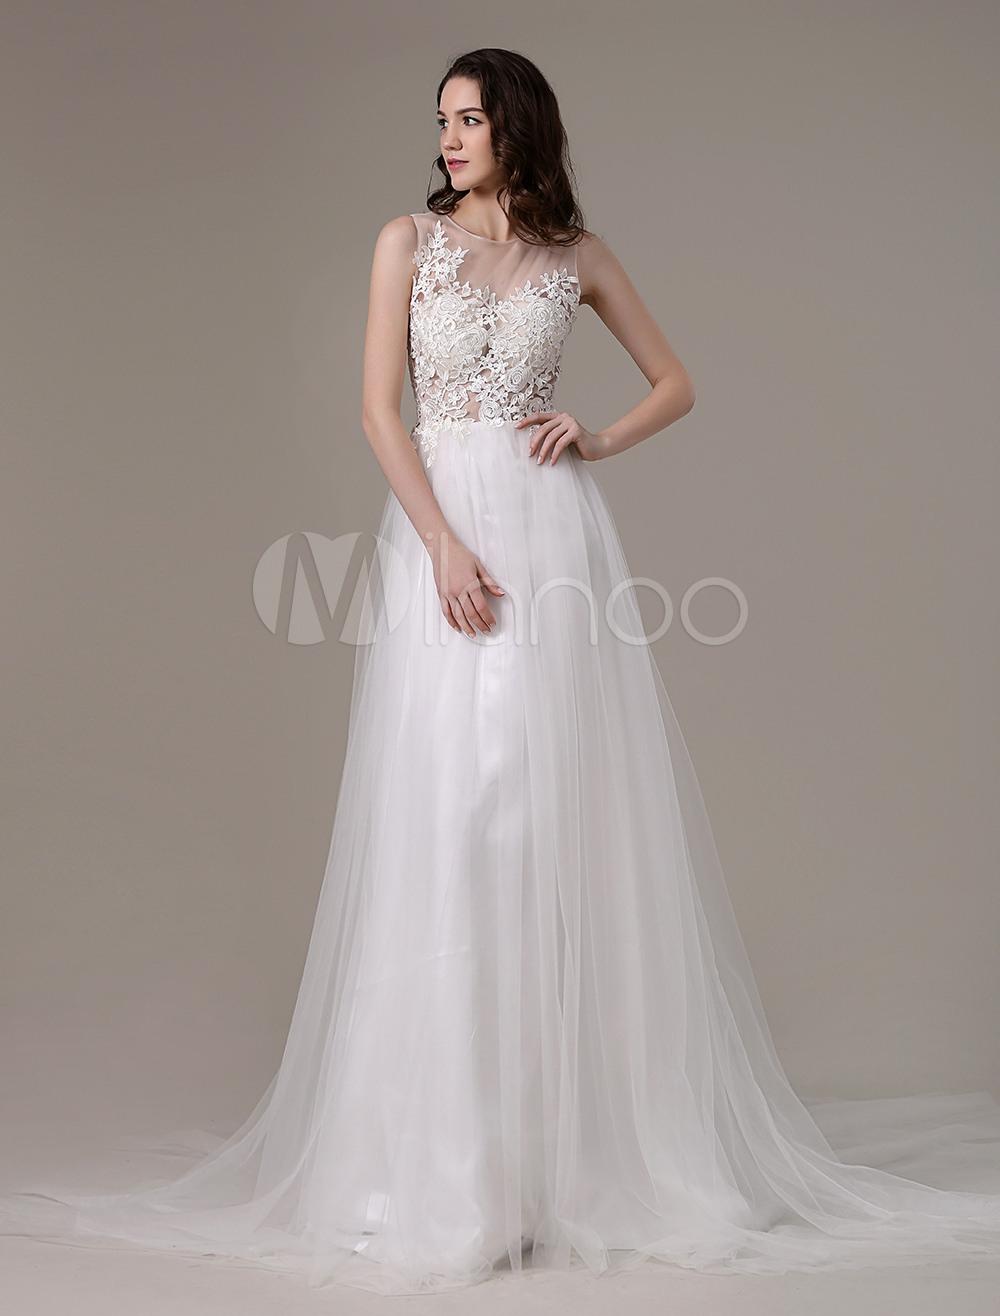 Abend Genial Langes Abendkleid Weiß Ärmel - Abendkleid